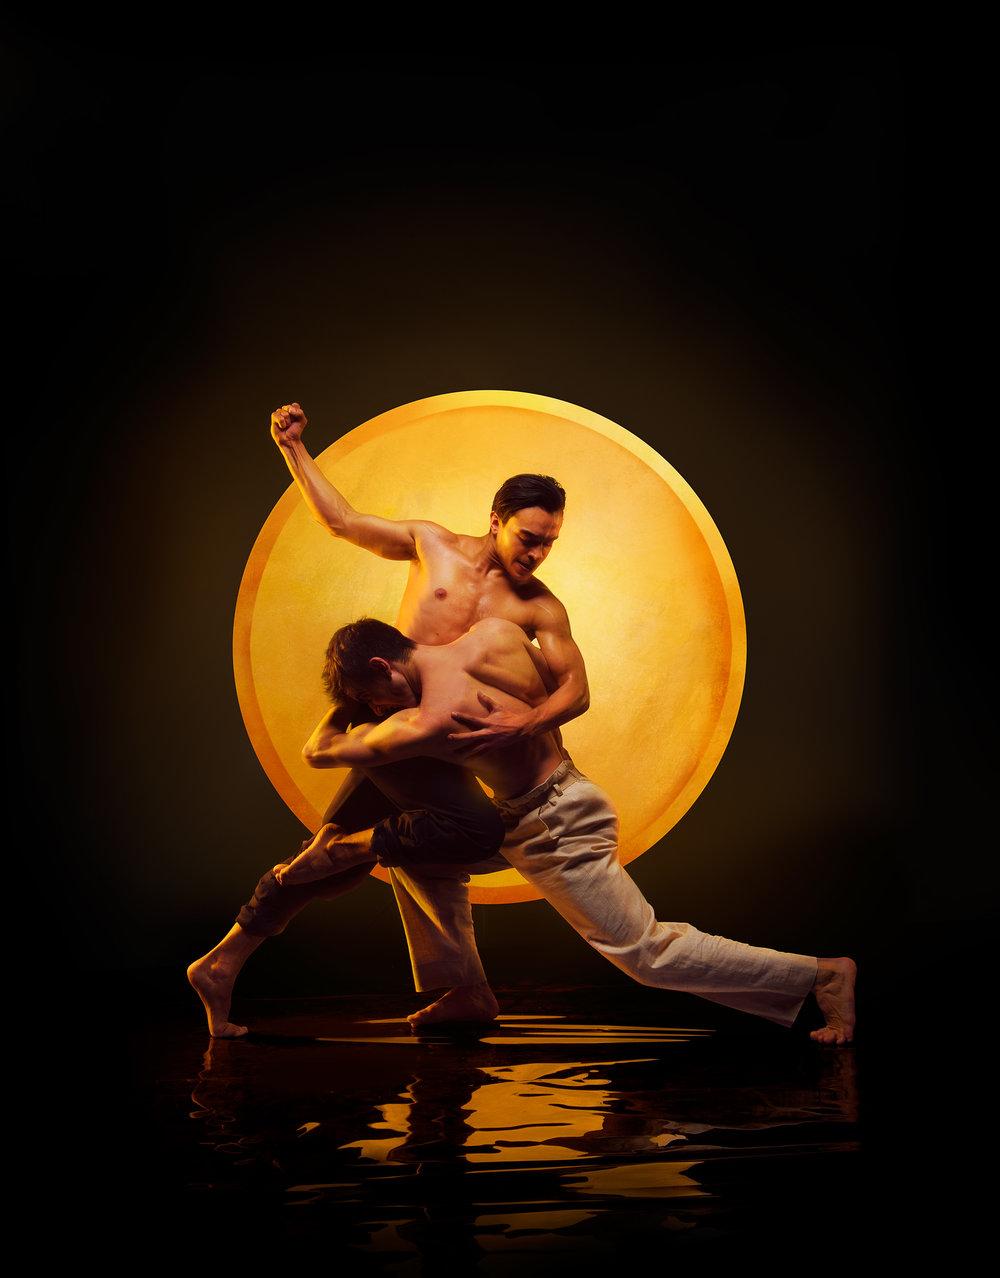 Grands Ballets A  saison 2015 Kaguyahime-hor-2469.jpg